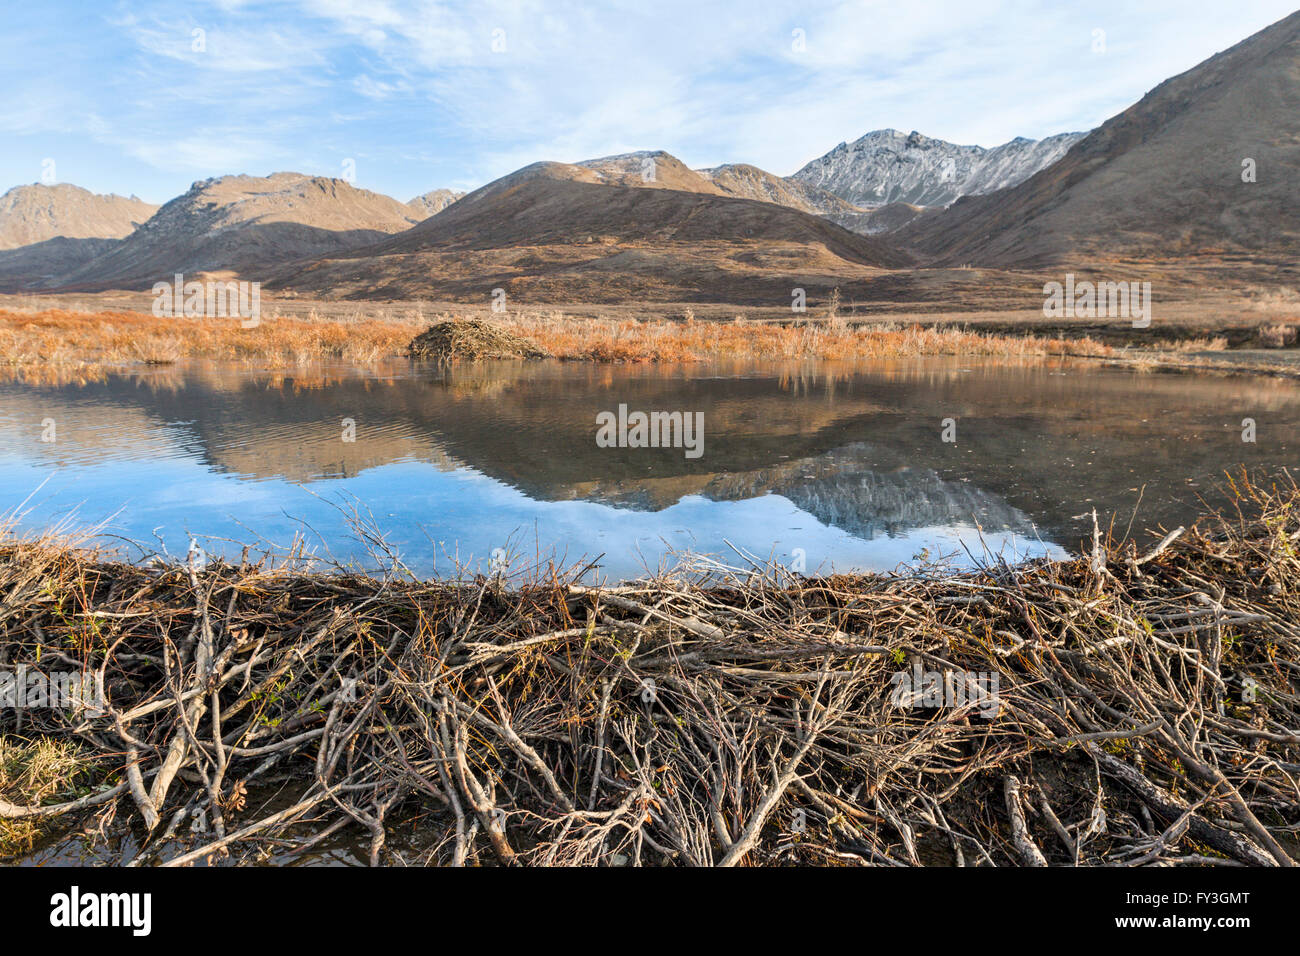 A Beaver Dam e stagno che riflette la gamma Alaska montagne. Immagini Stock